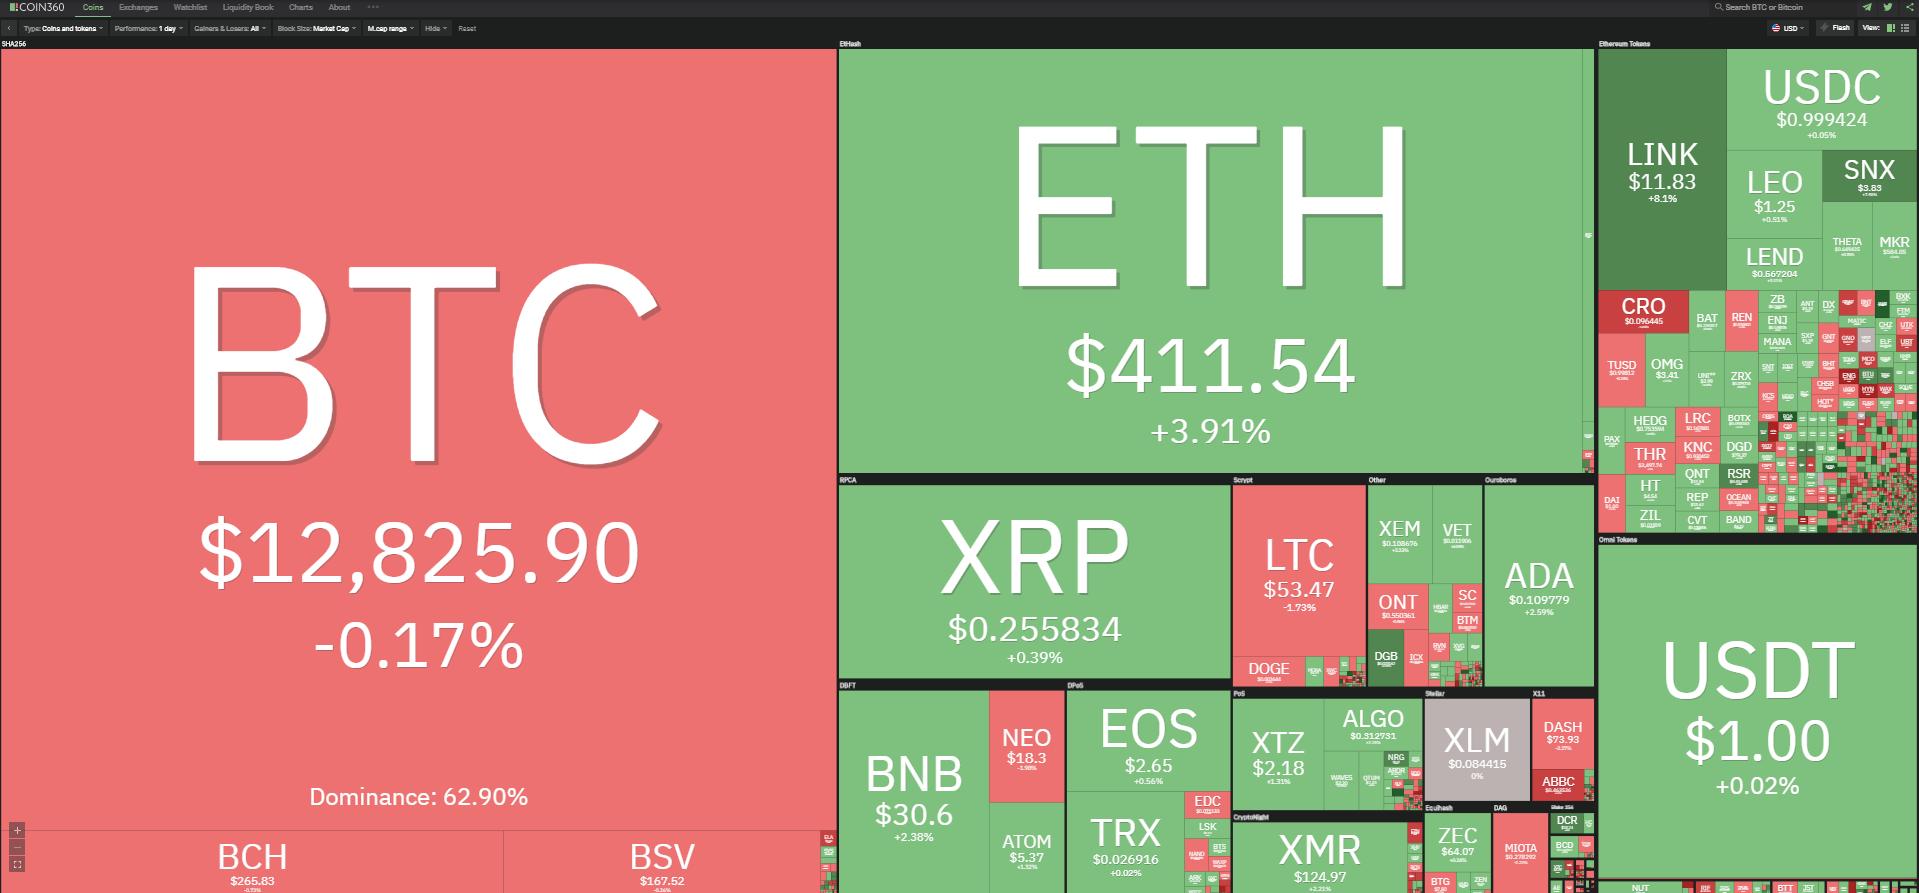 Toàn cảnh thị trường tiền kĩ thuật số ngày 23/10 (nguồn: Coin360.com).